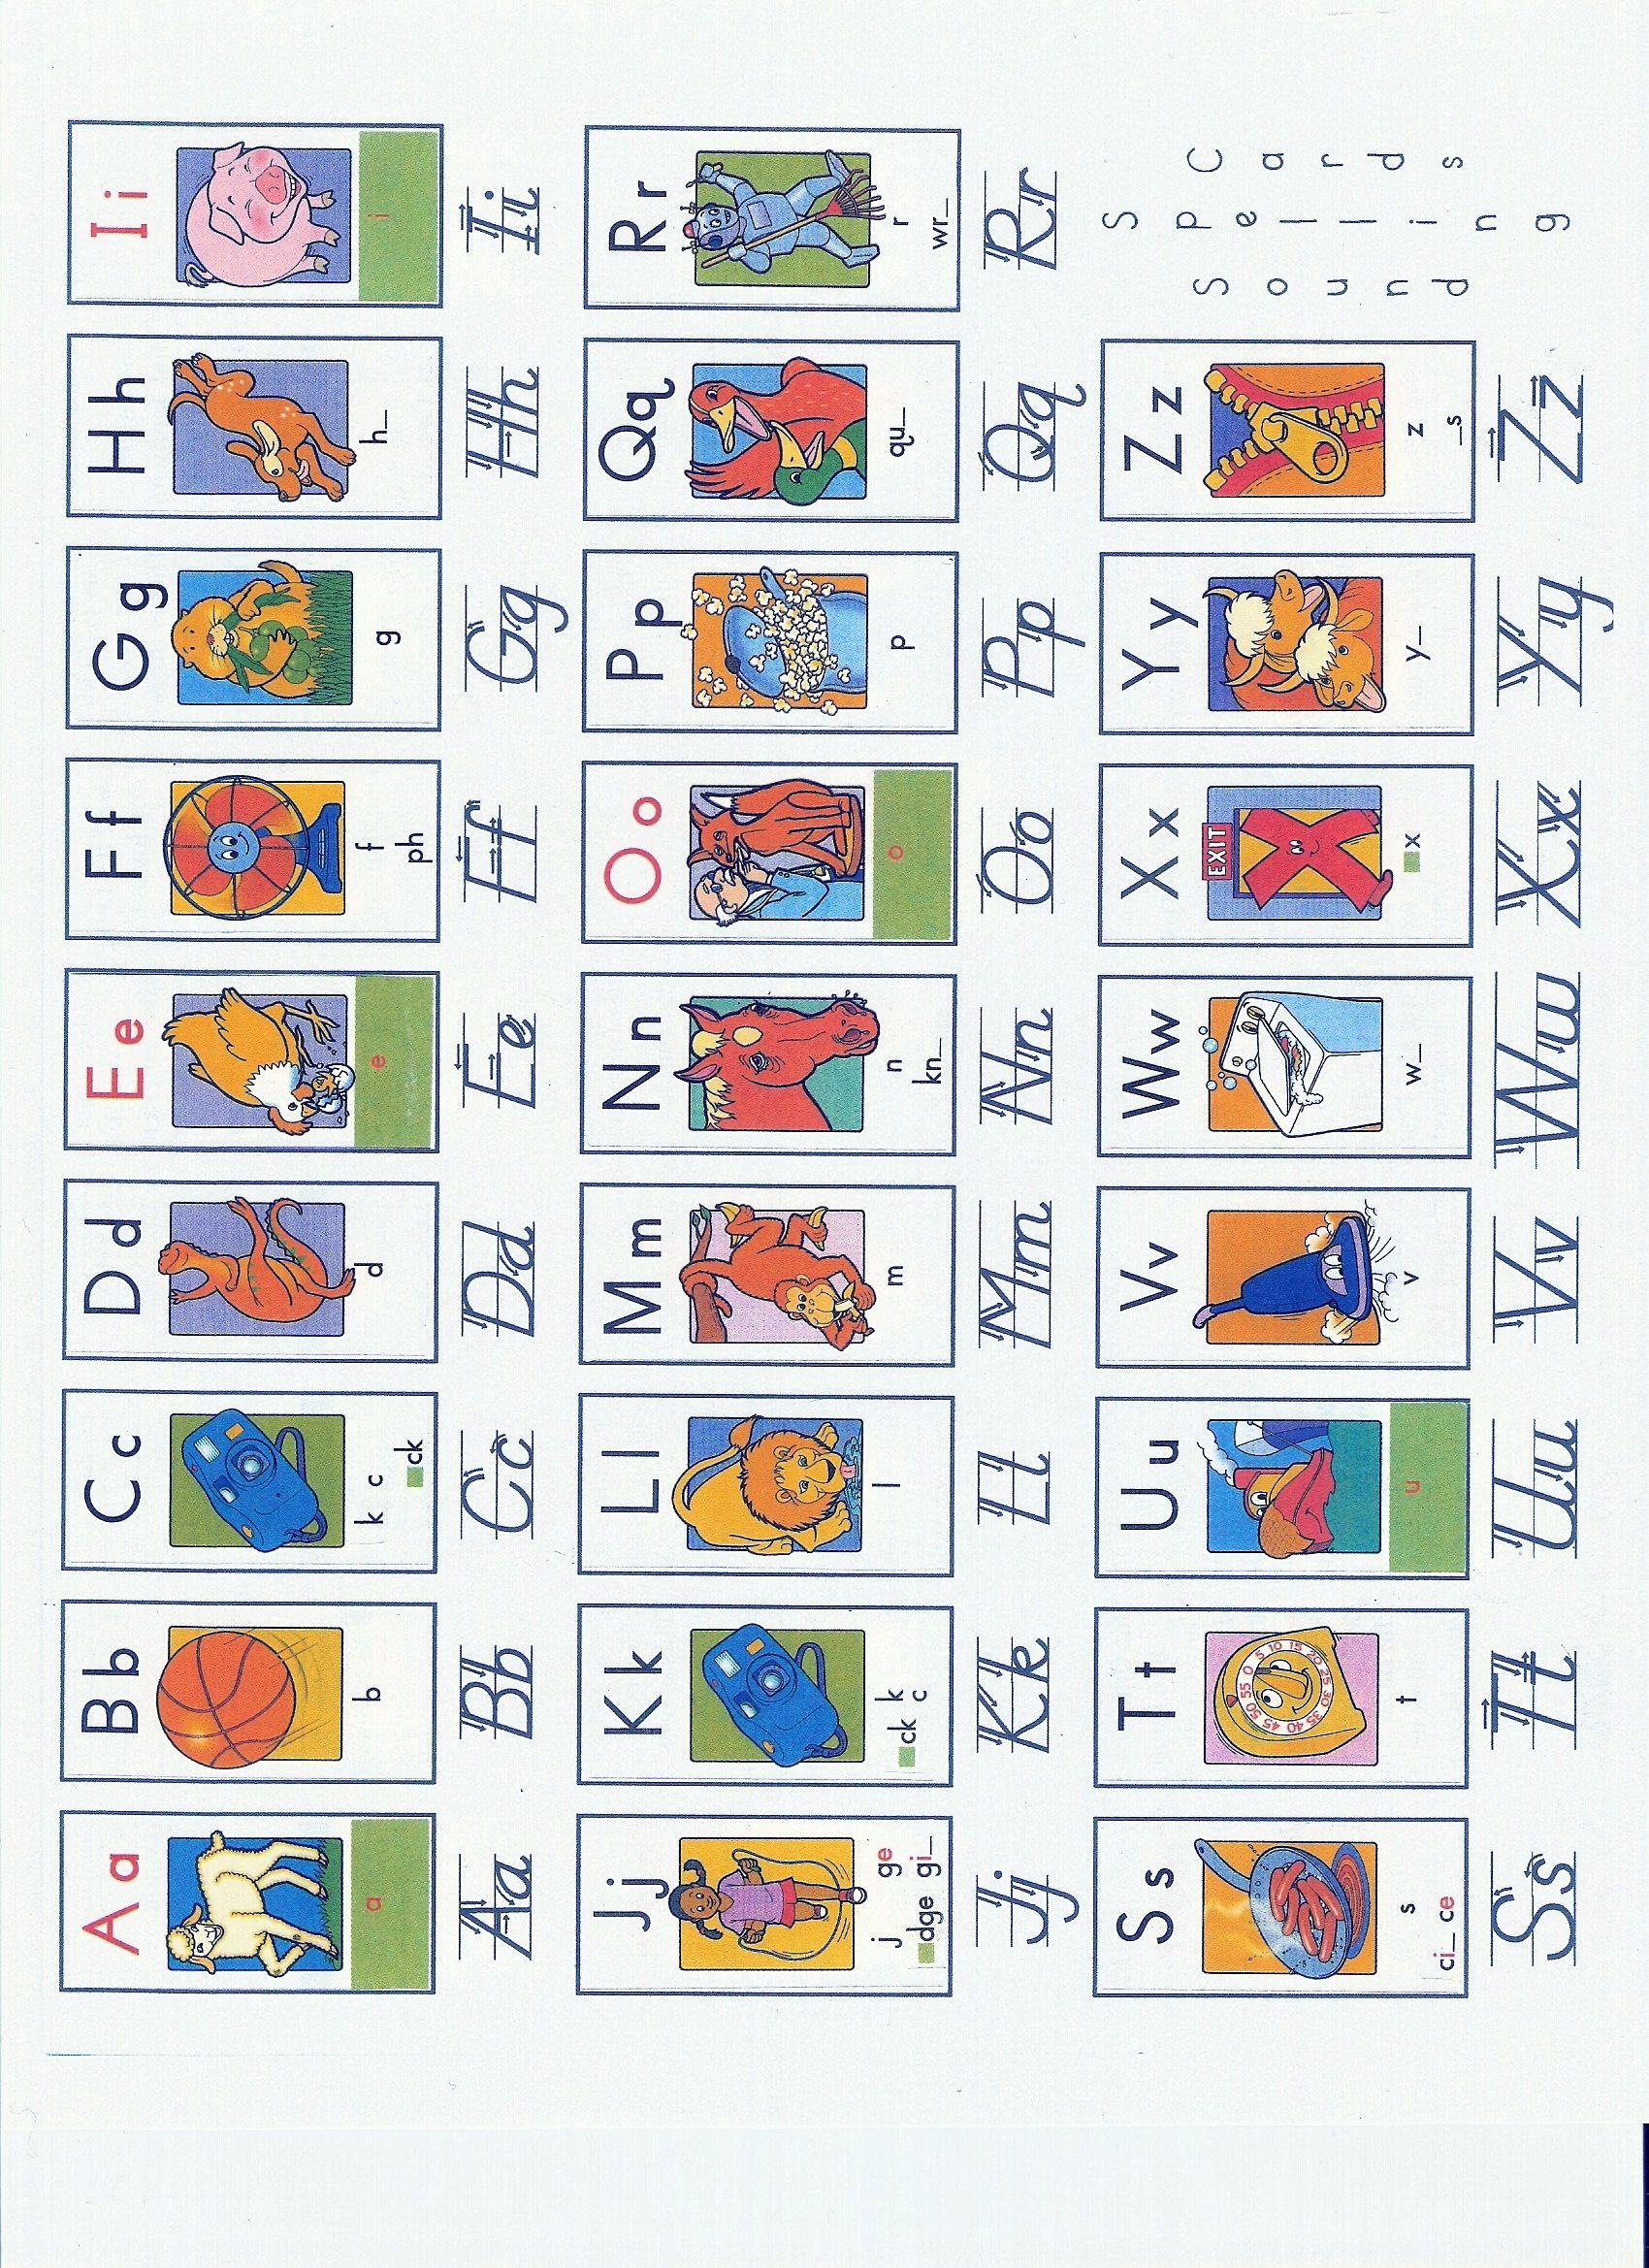 82470637ecf289b2583019139438b48c - Reading Program For Kindergarten